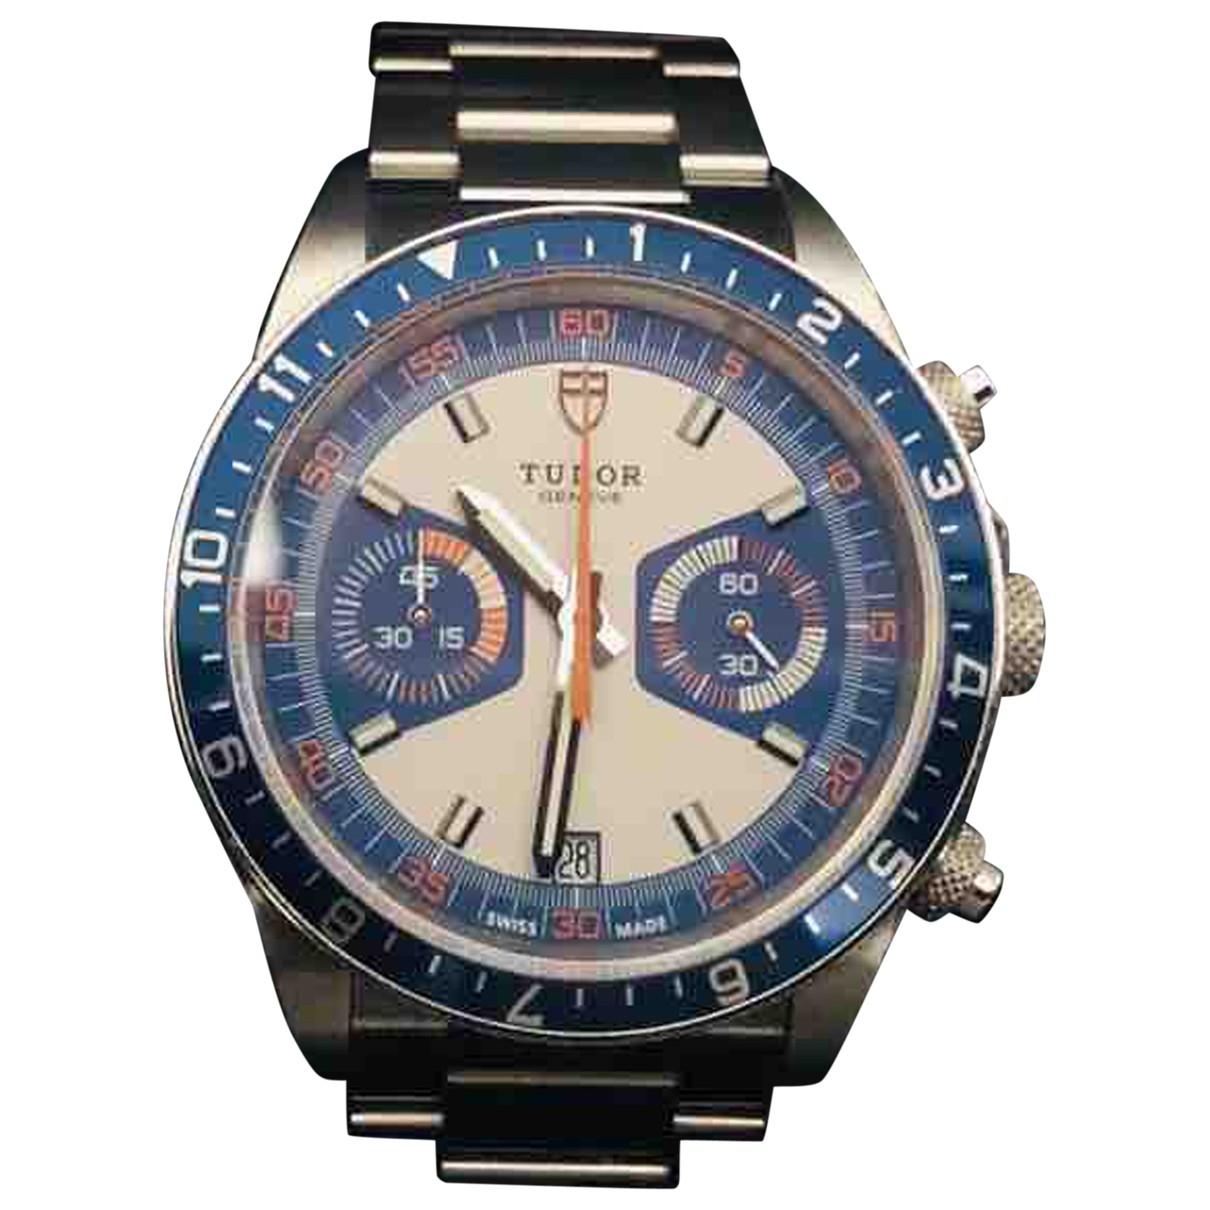 Tudor \N Silver Steel watch for Men \N